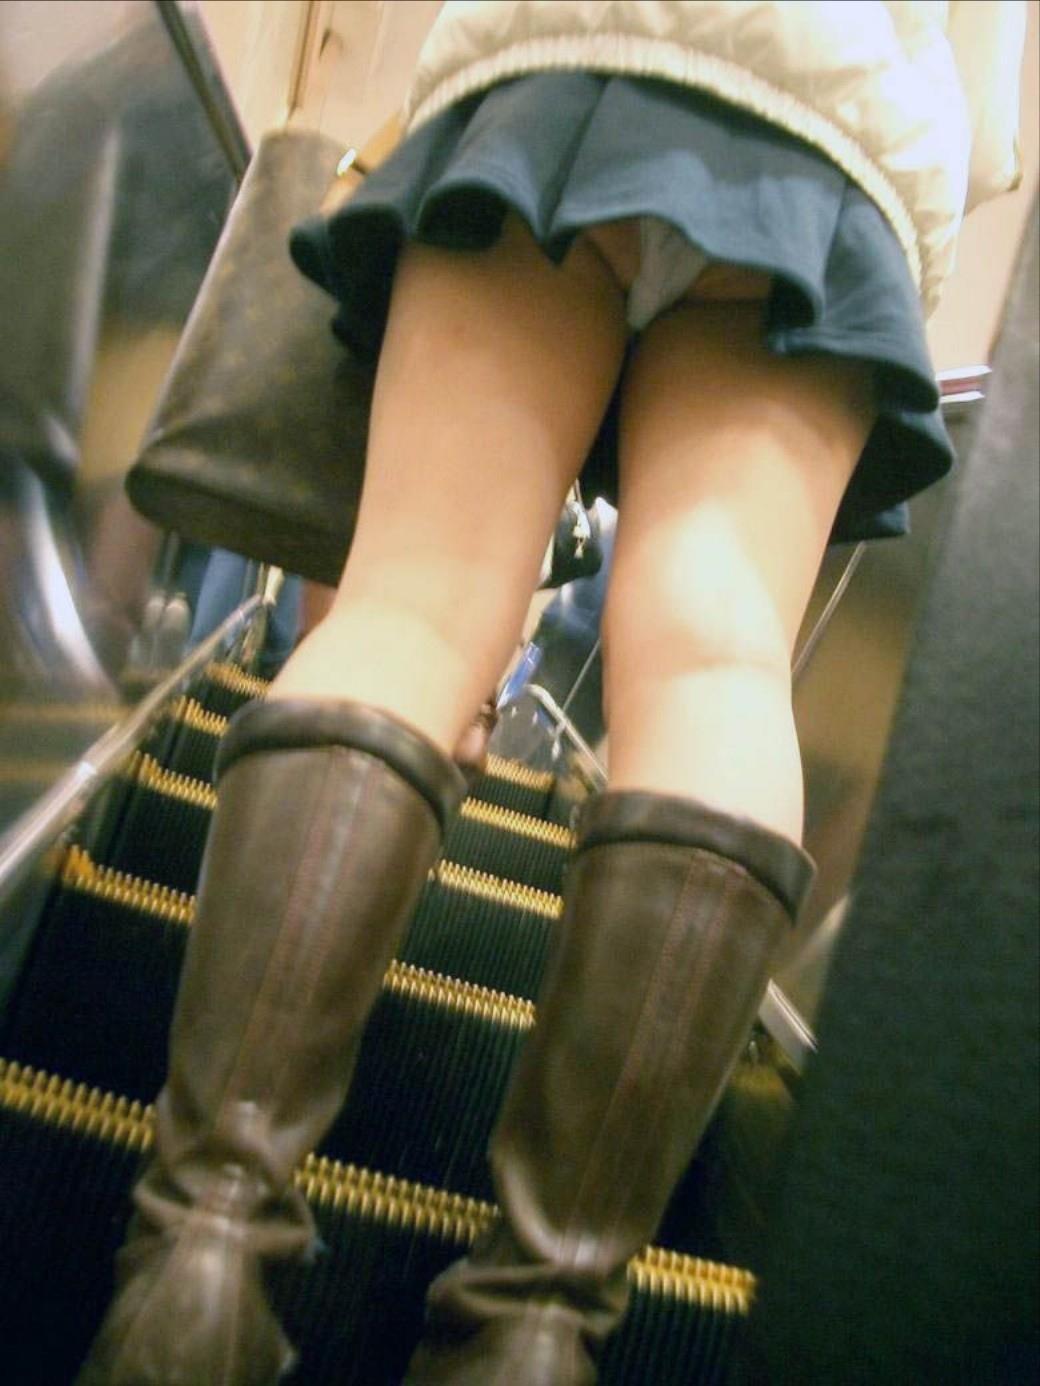 短いスカートでパンチラしまくりな素人さん (13)